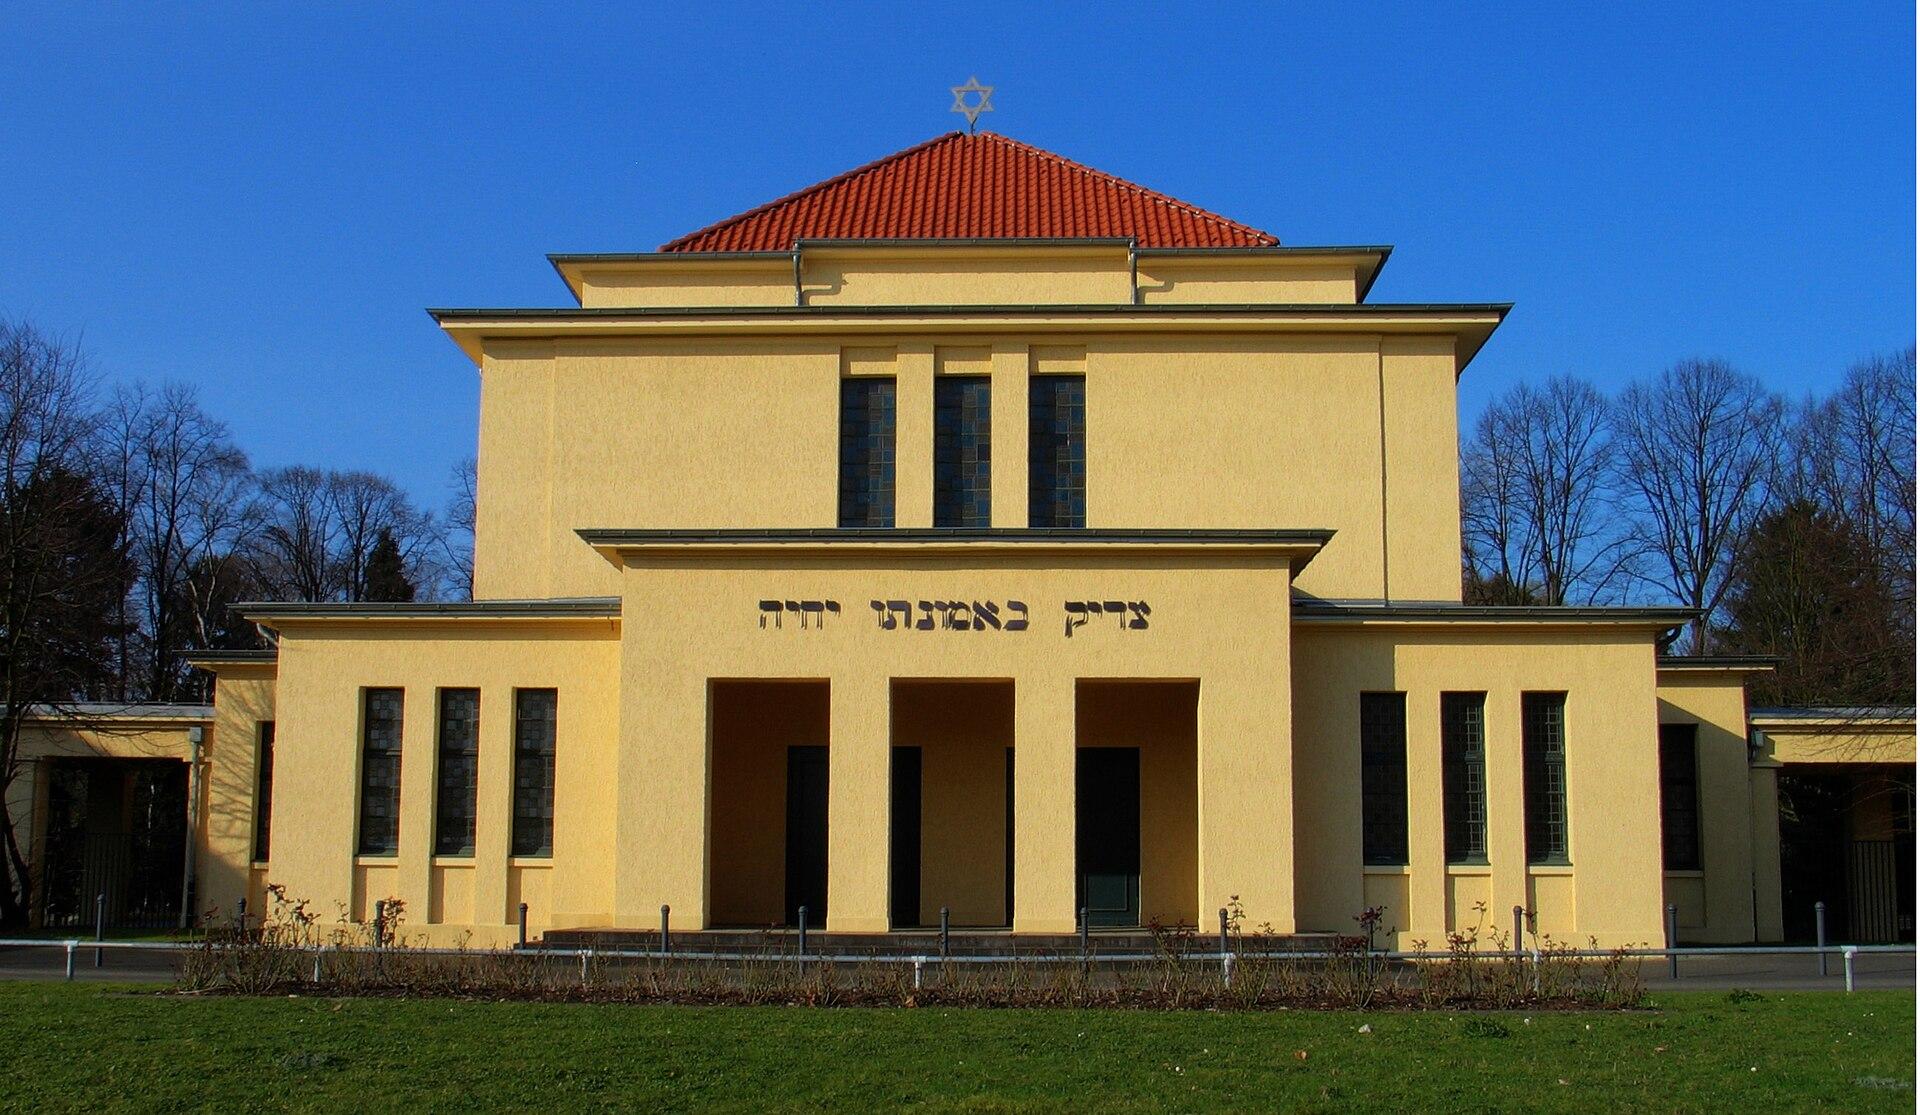 Heute Einmal Ein Kommentar Von Stephan Kramer Dem Generalsekretär Des  Zentralrats Der Juden (ZdR) In Deutschland. Ich Meine Ein Doch Recht  Nachdenklich ...